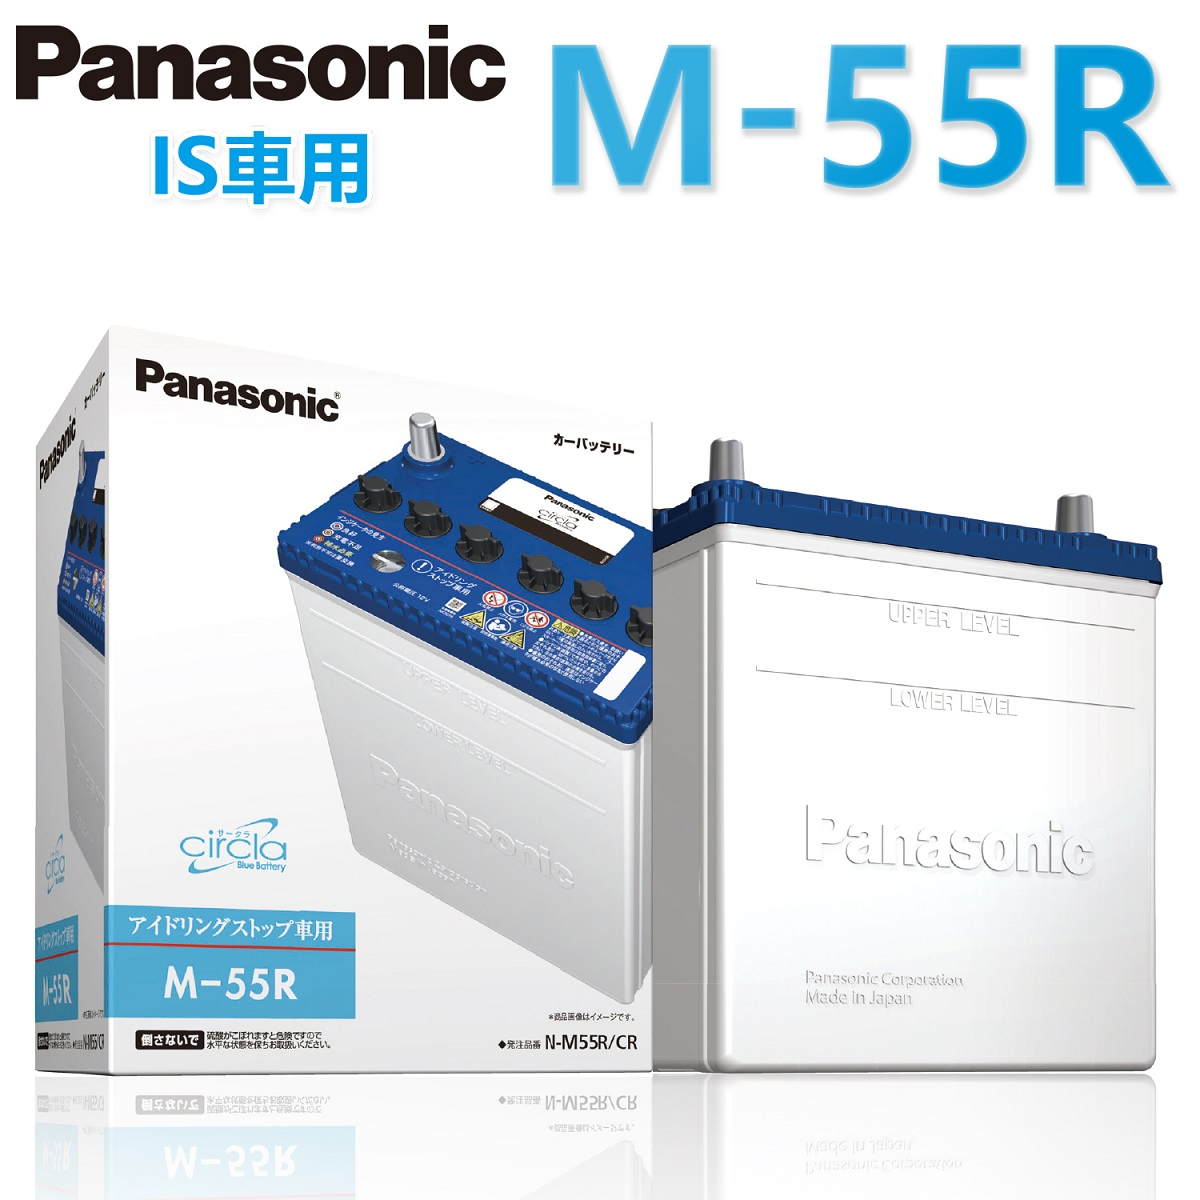 Panasonic カーバッテリー アイドリングストップ車用 バッテリー M-55R サークラ circla パナソニック